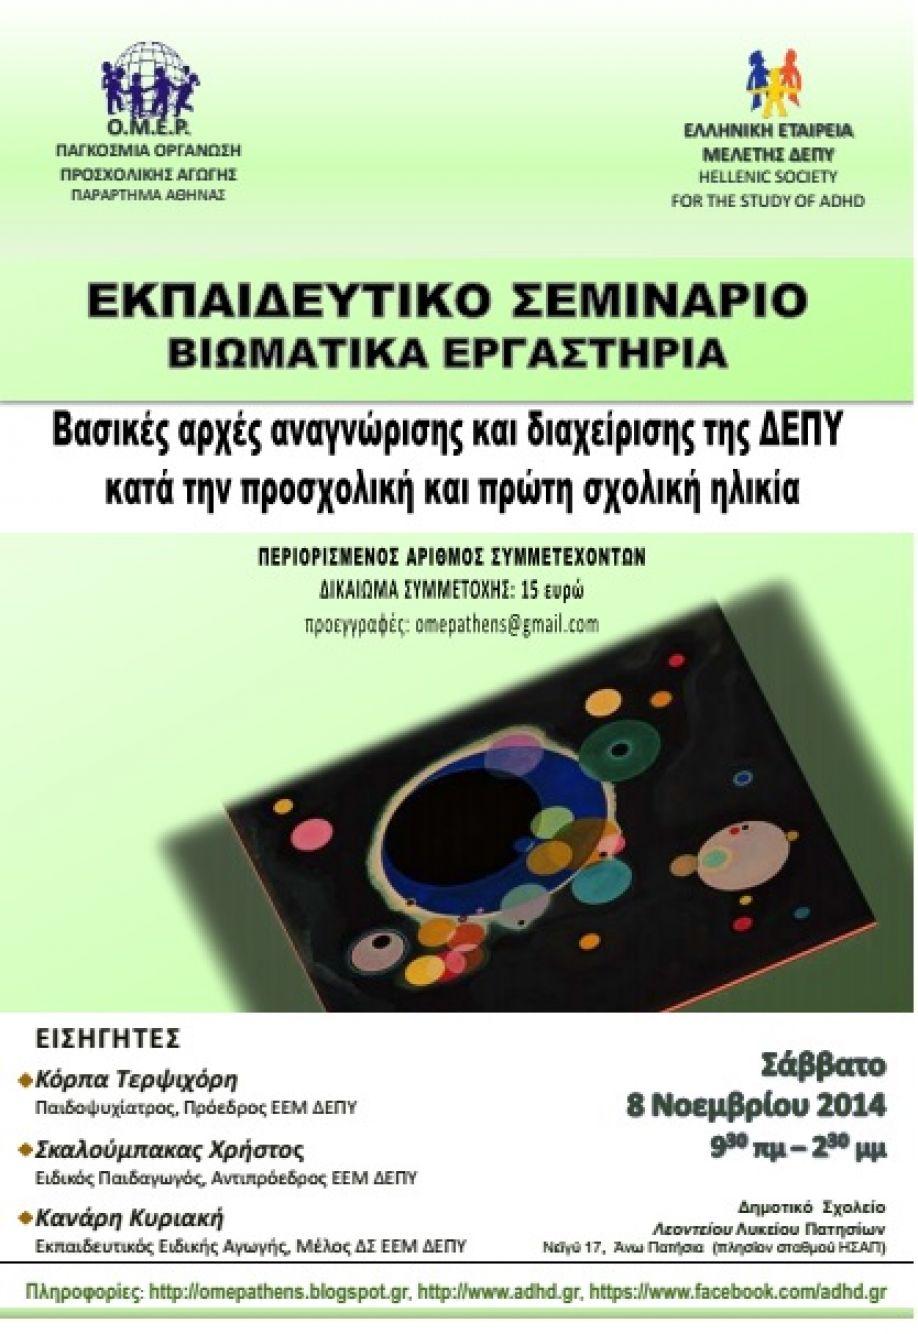 """Αθήνα : Βιωματικό εργαστήριο """"Βασικές αρχές αναγνώρισης και διαχείρισης της ΔΕΠΥ κατά την προσχολική και πρώτη σχολική ηλικία"""""""